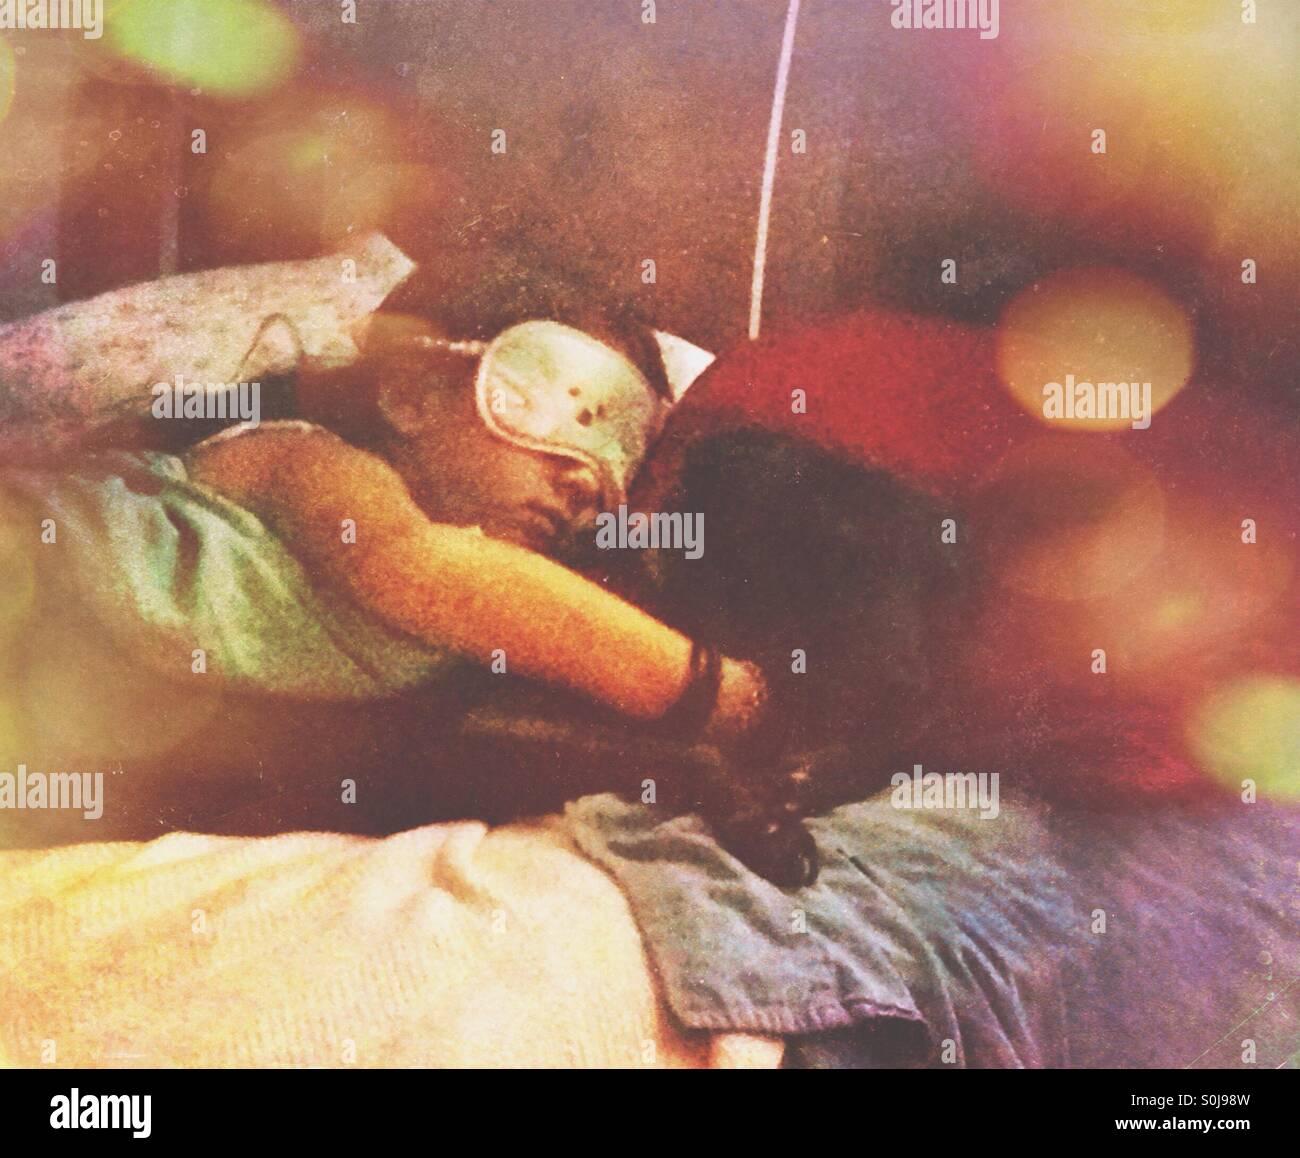 Une petite fille dormir avec son chien. Photo Stock